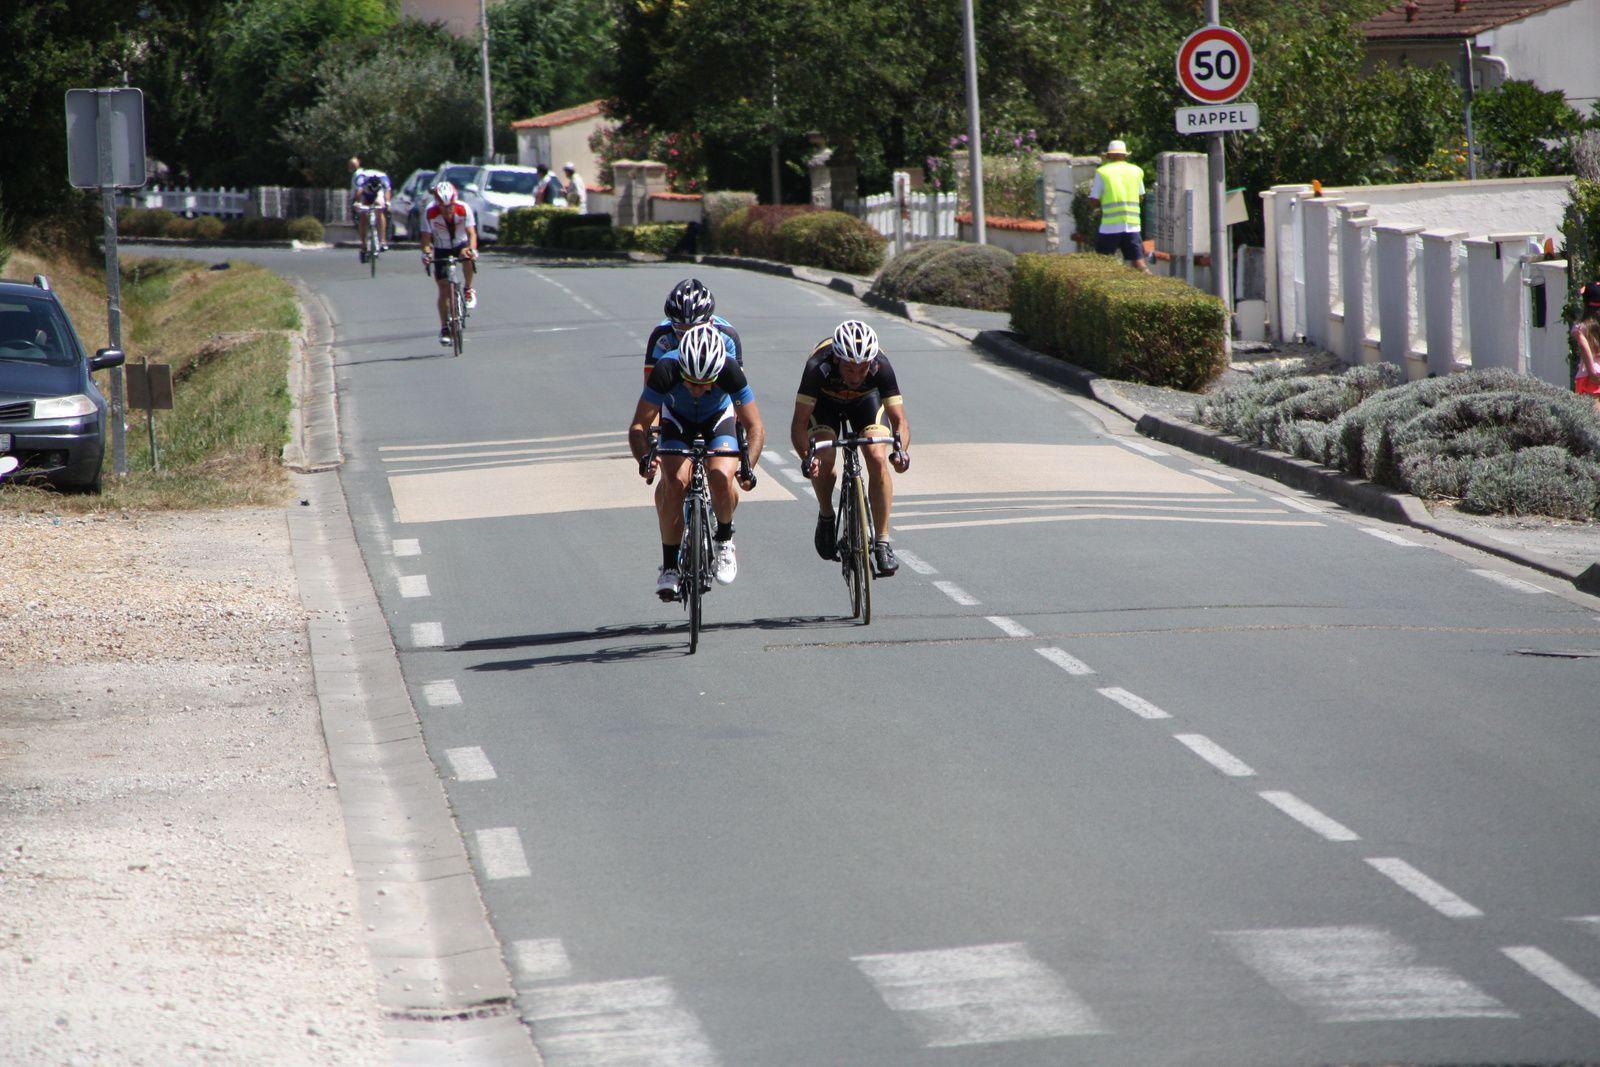 Les  3  coureurs  continuent  de  progresser